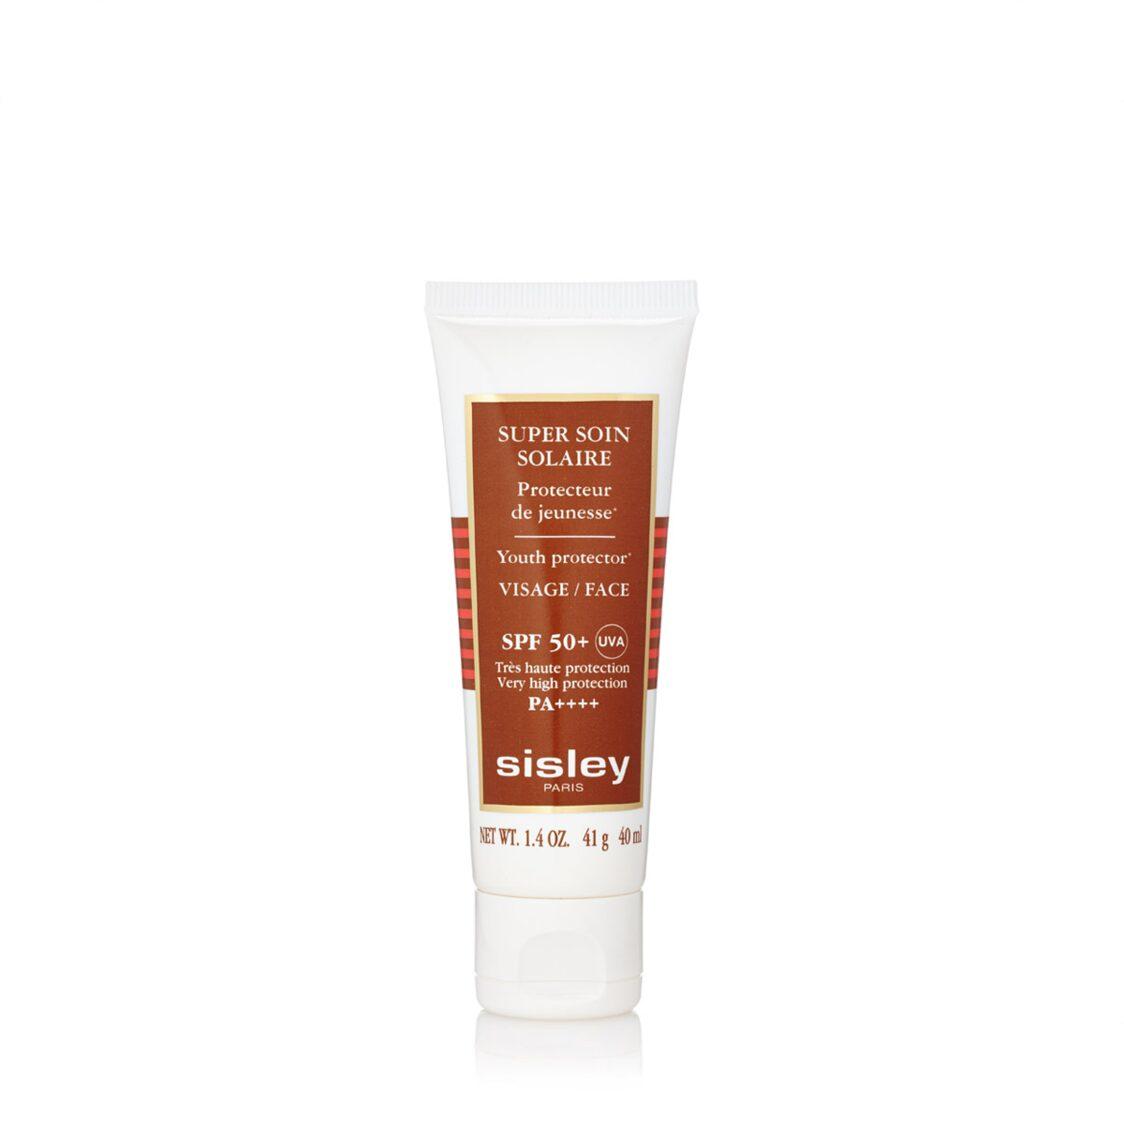 Sisley Super Soin Solaire Facial Sun Care SPF 50 40ml